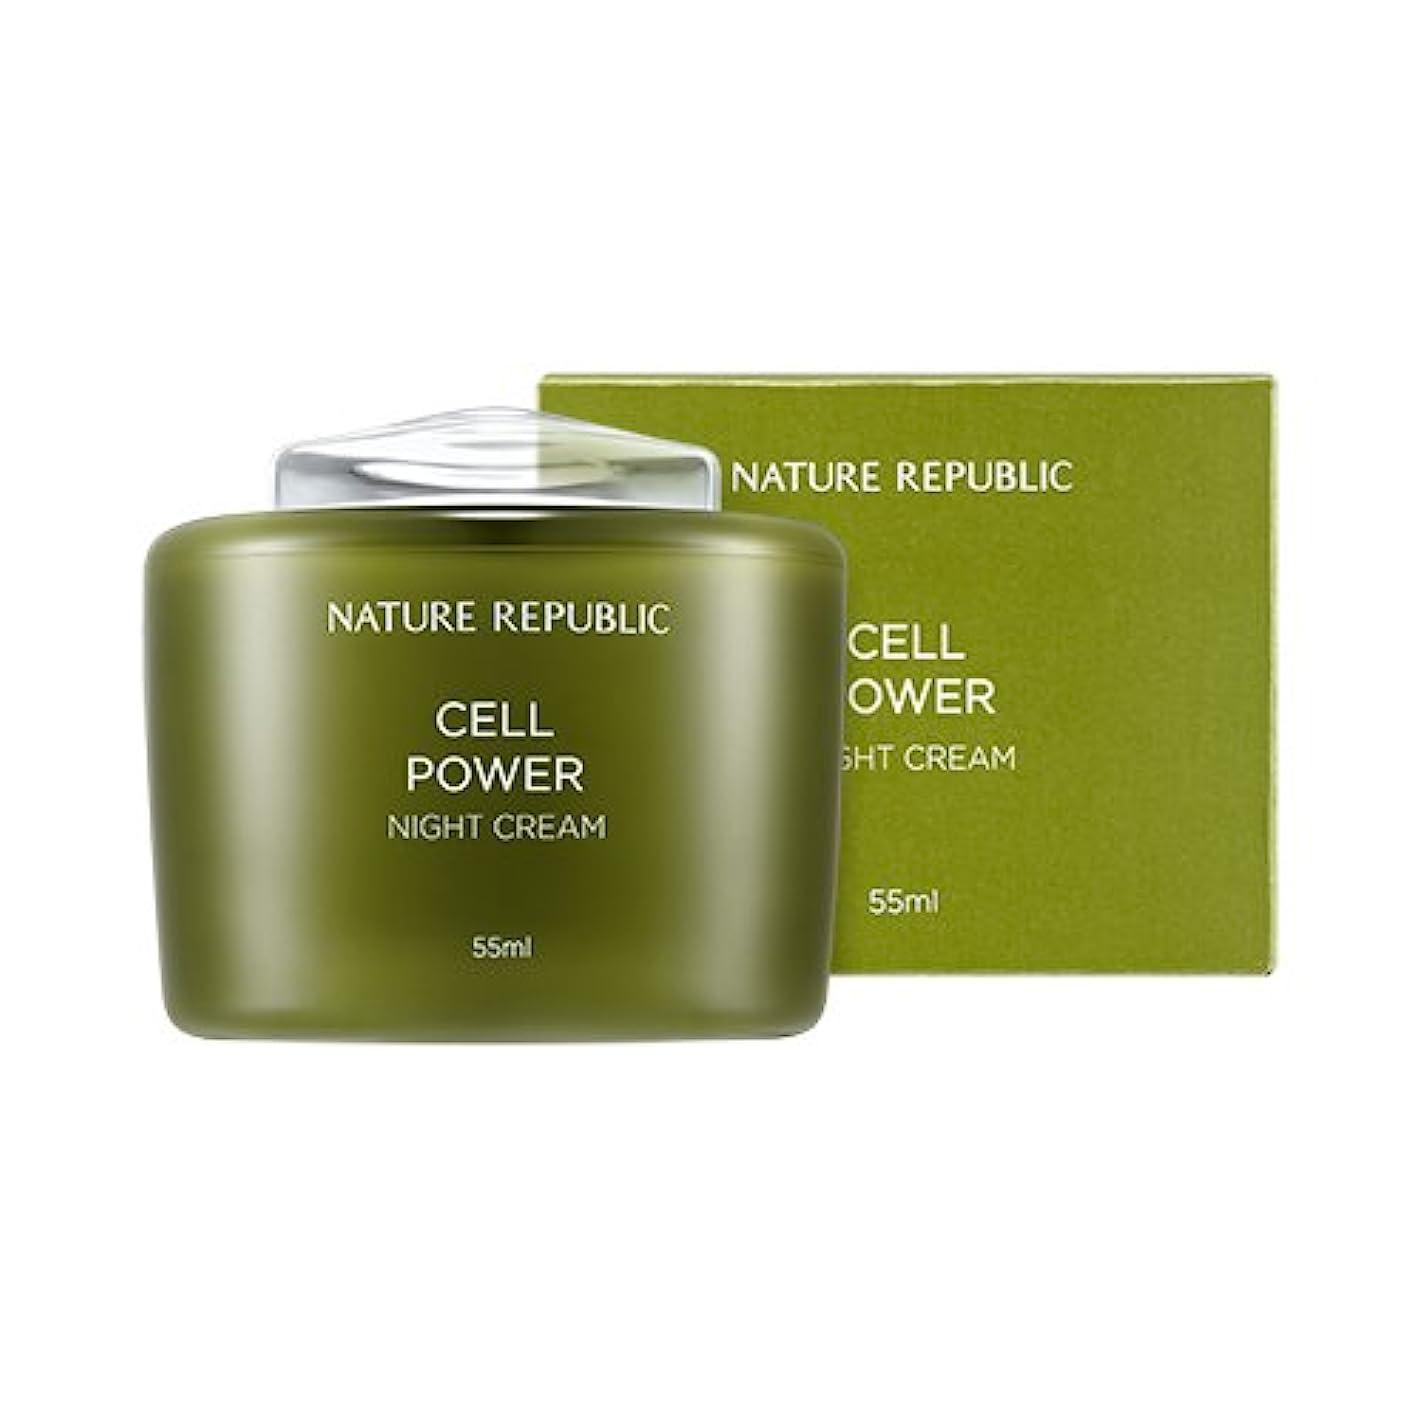 浴科学者メアリアンジョーンズNature Republic Cell Power Night Cream ネイチャーリパブリックセルパワーナイトクリーム [並行輸入品]